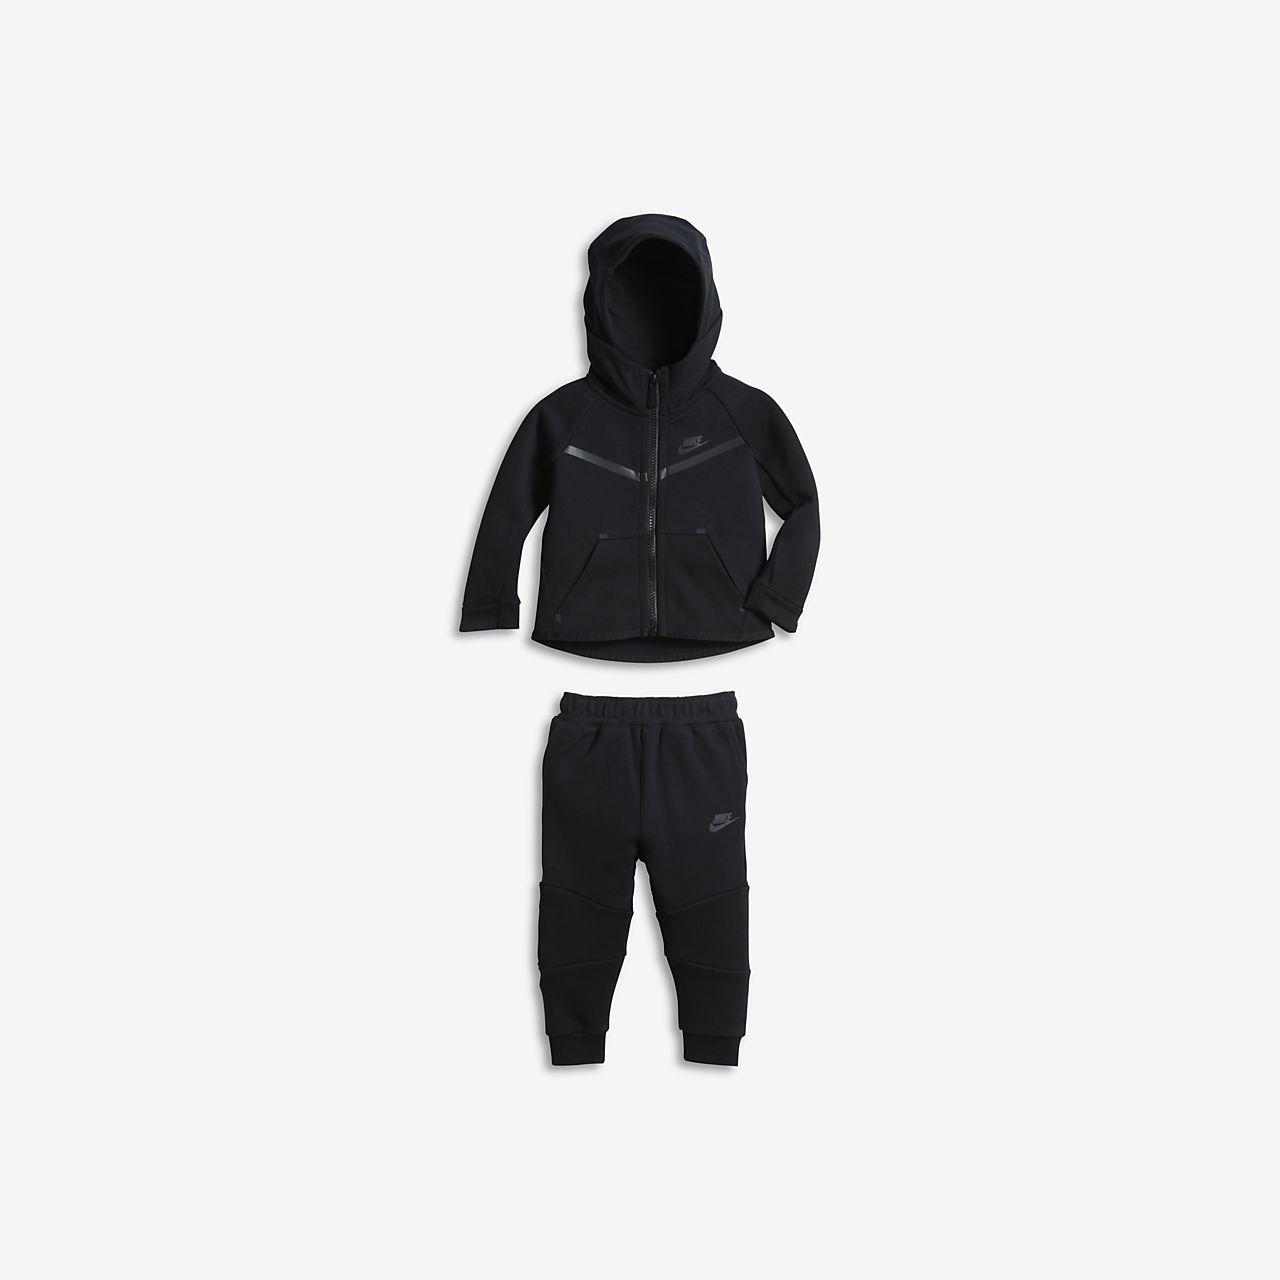 Vellidte Nike Tech Fleece Baby-sæt med bukser og hættetrøje til babyer (12 YO-23